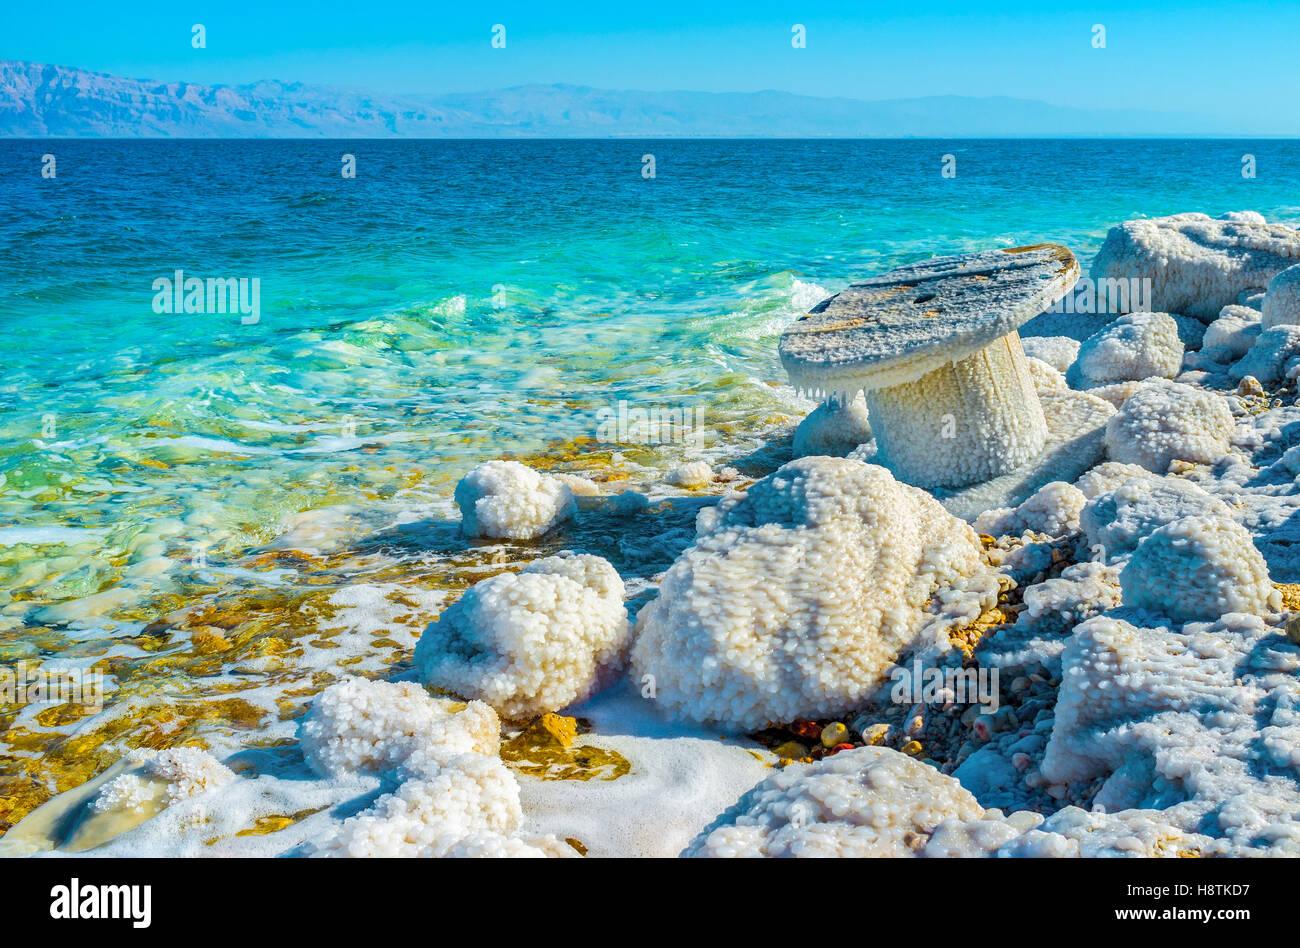 La mer Morte est la frontière naturelle entre la Jordanie à l'Est et d'Israël et de la Palestine à l'ouest, Ein Gedi, Israël. Banque D'Images